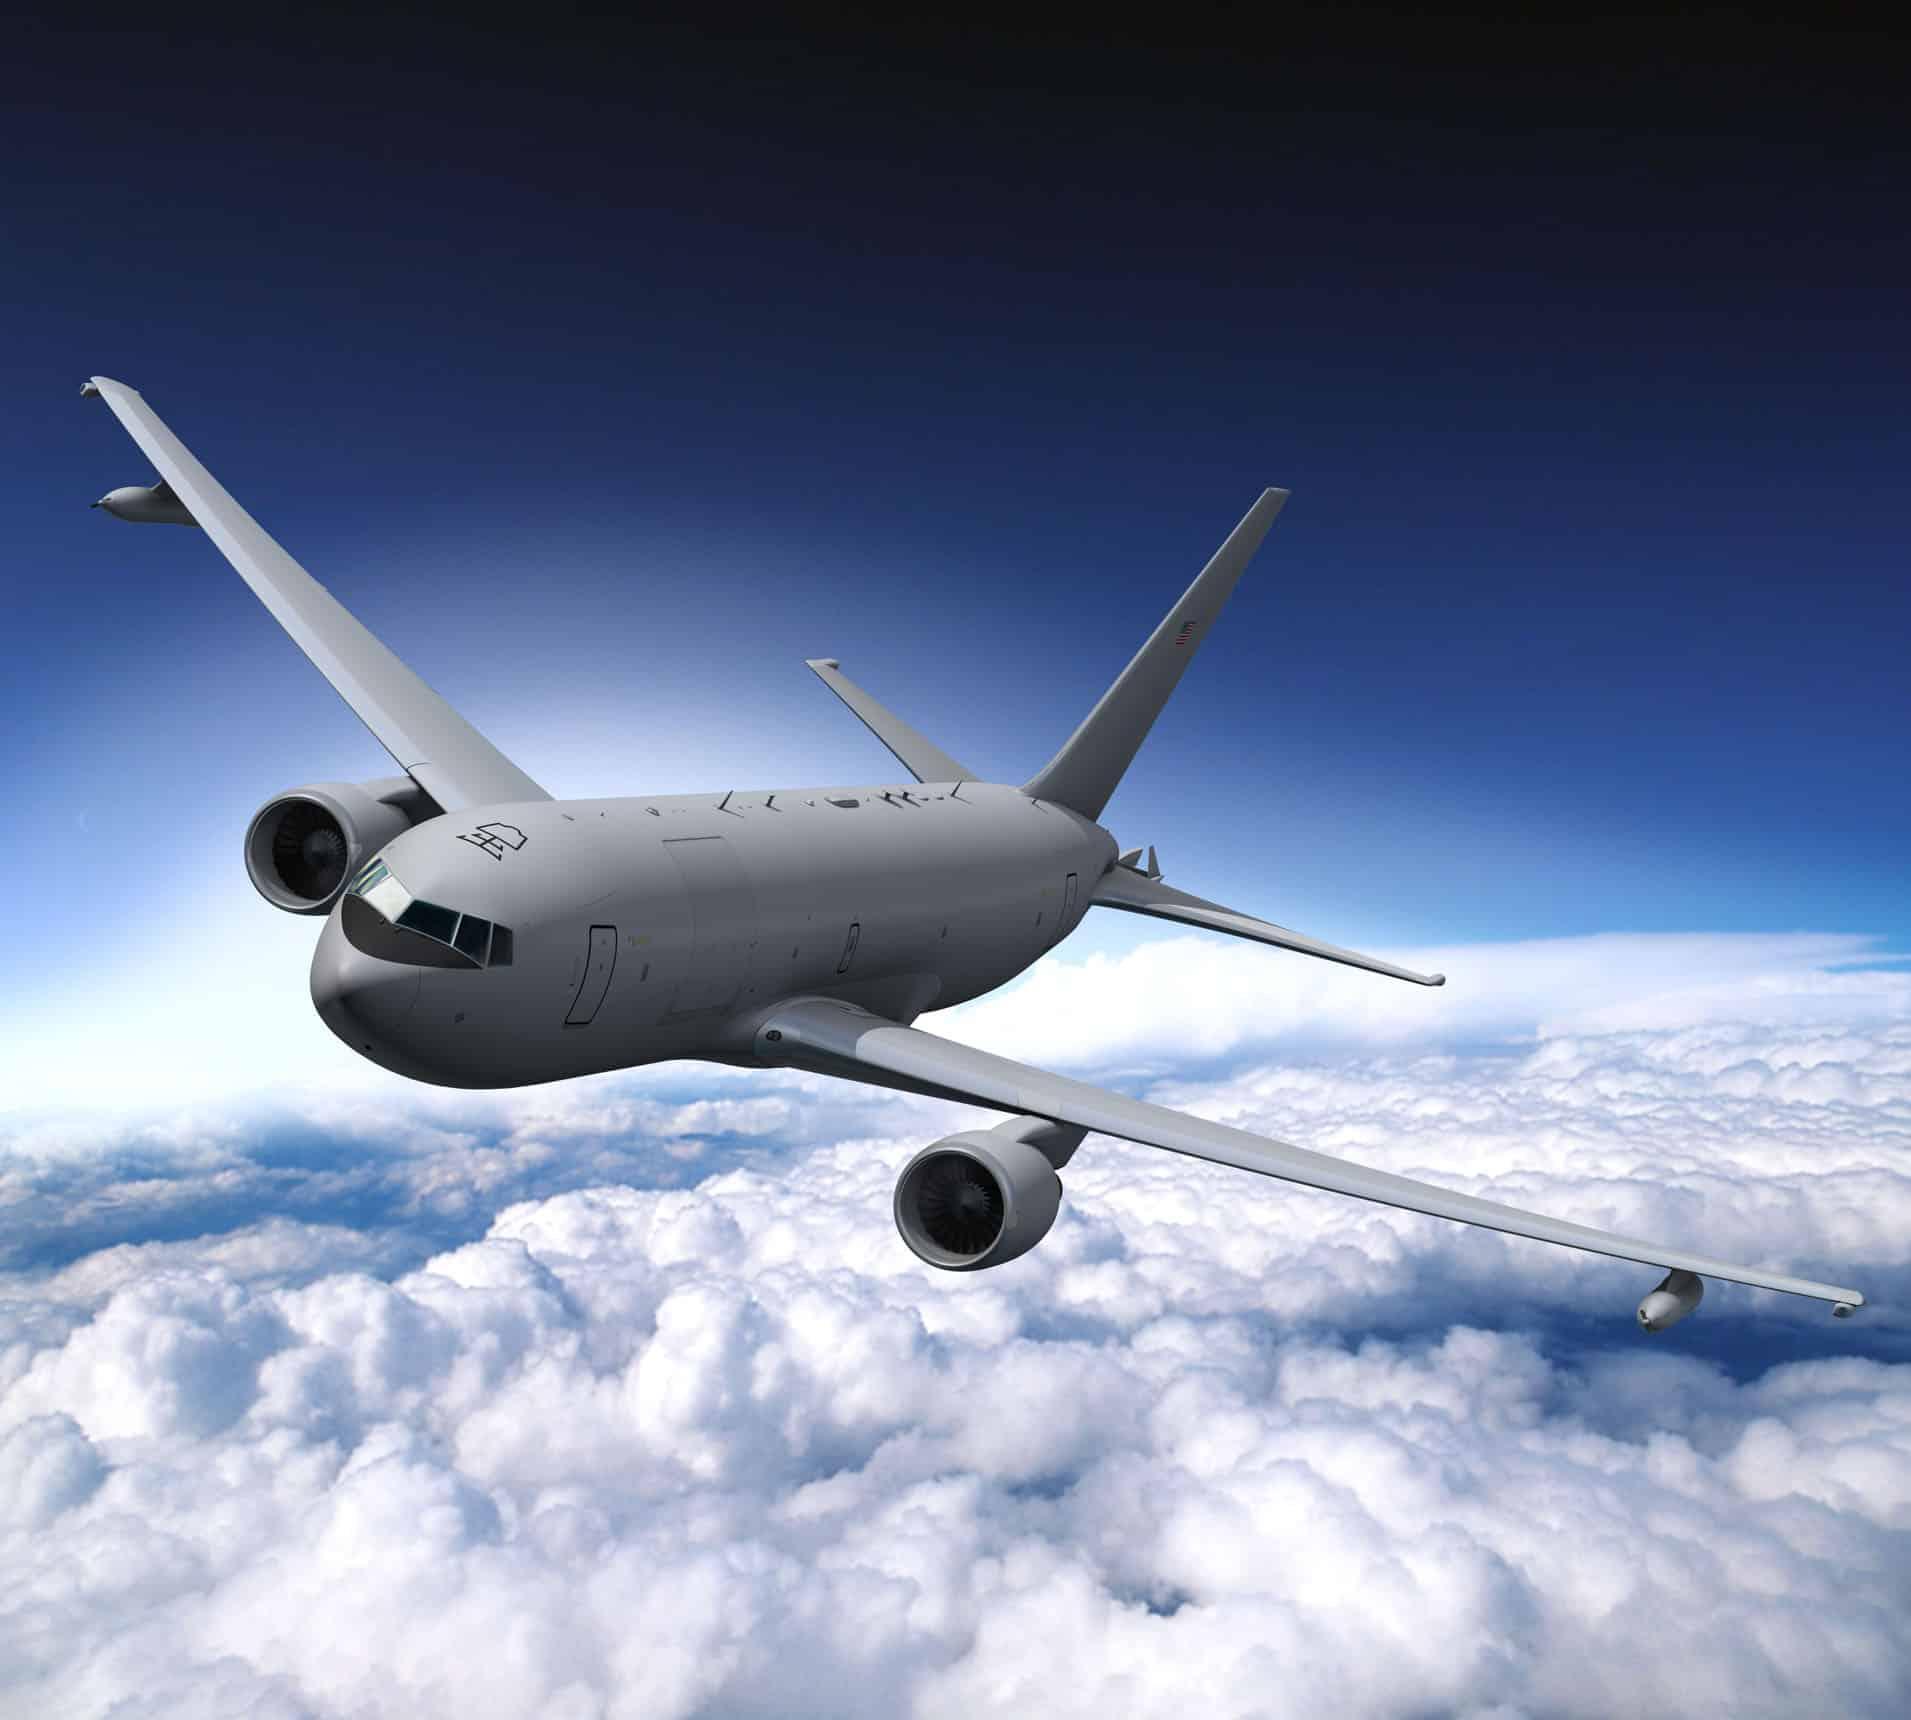 """Photo of بوينغ تنهي الإختبارات على """"طائرة الصهريج الأولى KC-46 Pegasus"""" لسلاح الجو الأمريكي"""